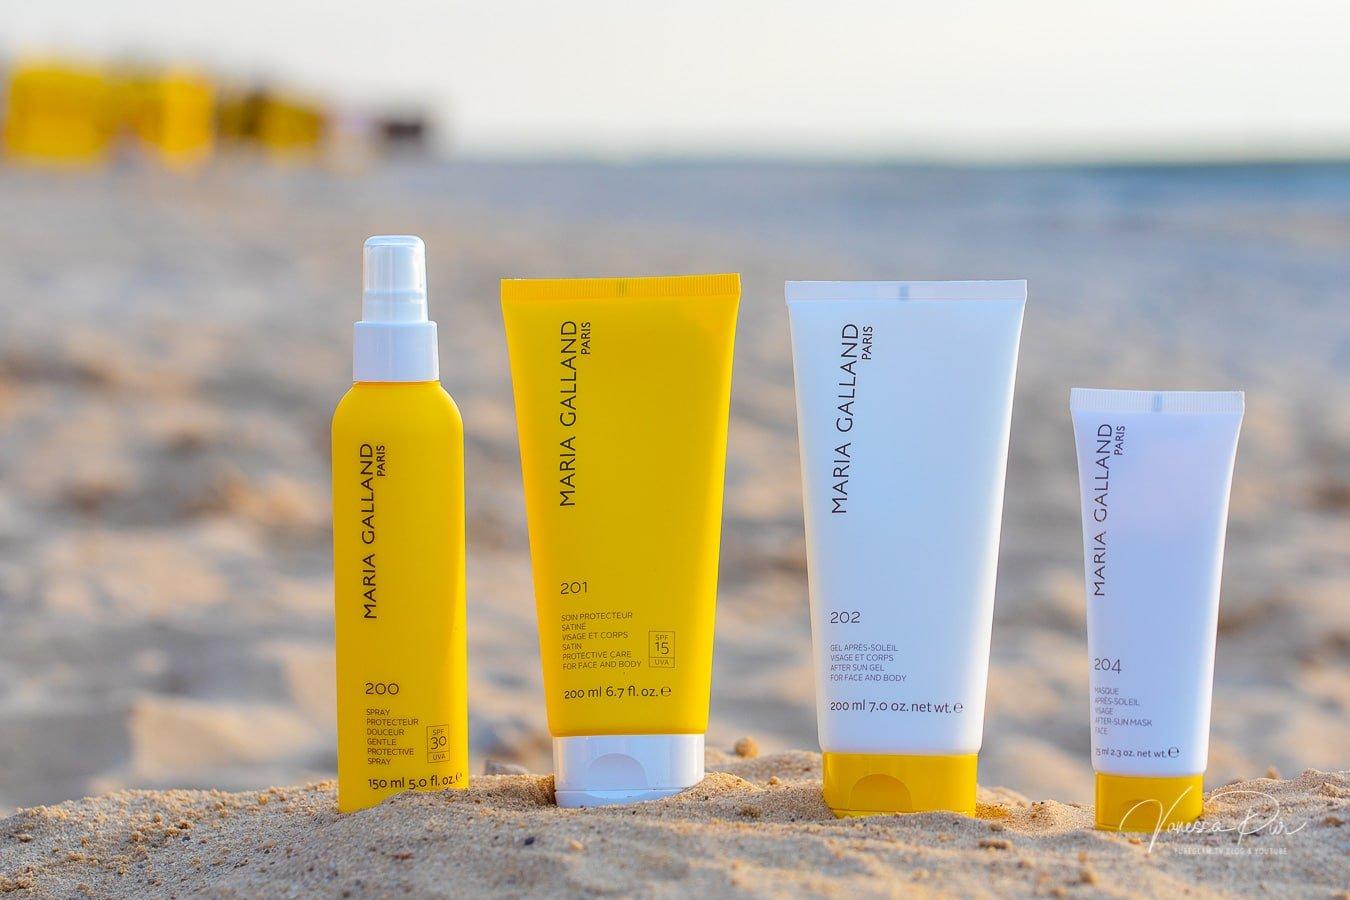 Sonnenschutzprodukte auswählen Sonnenbrand vermeiden